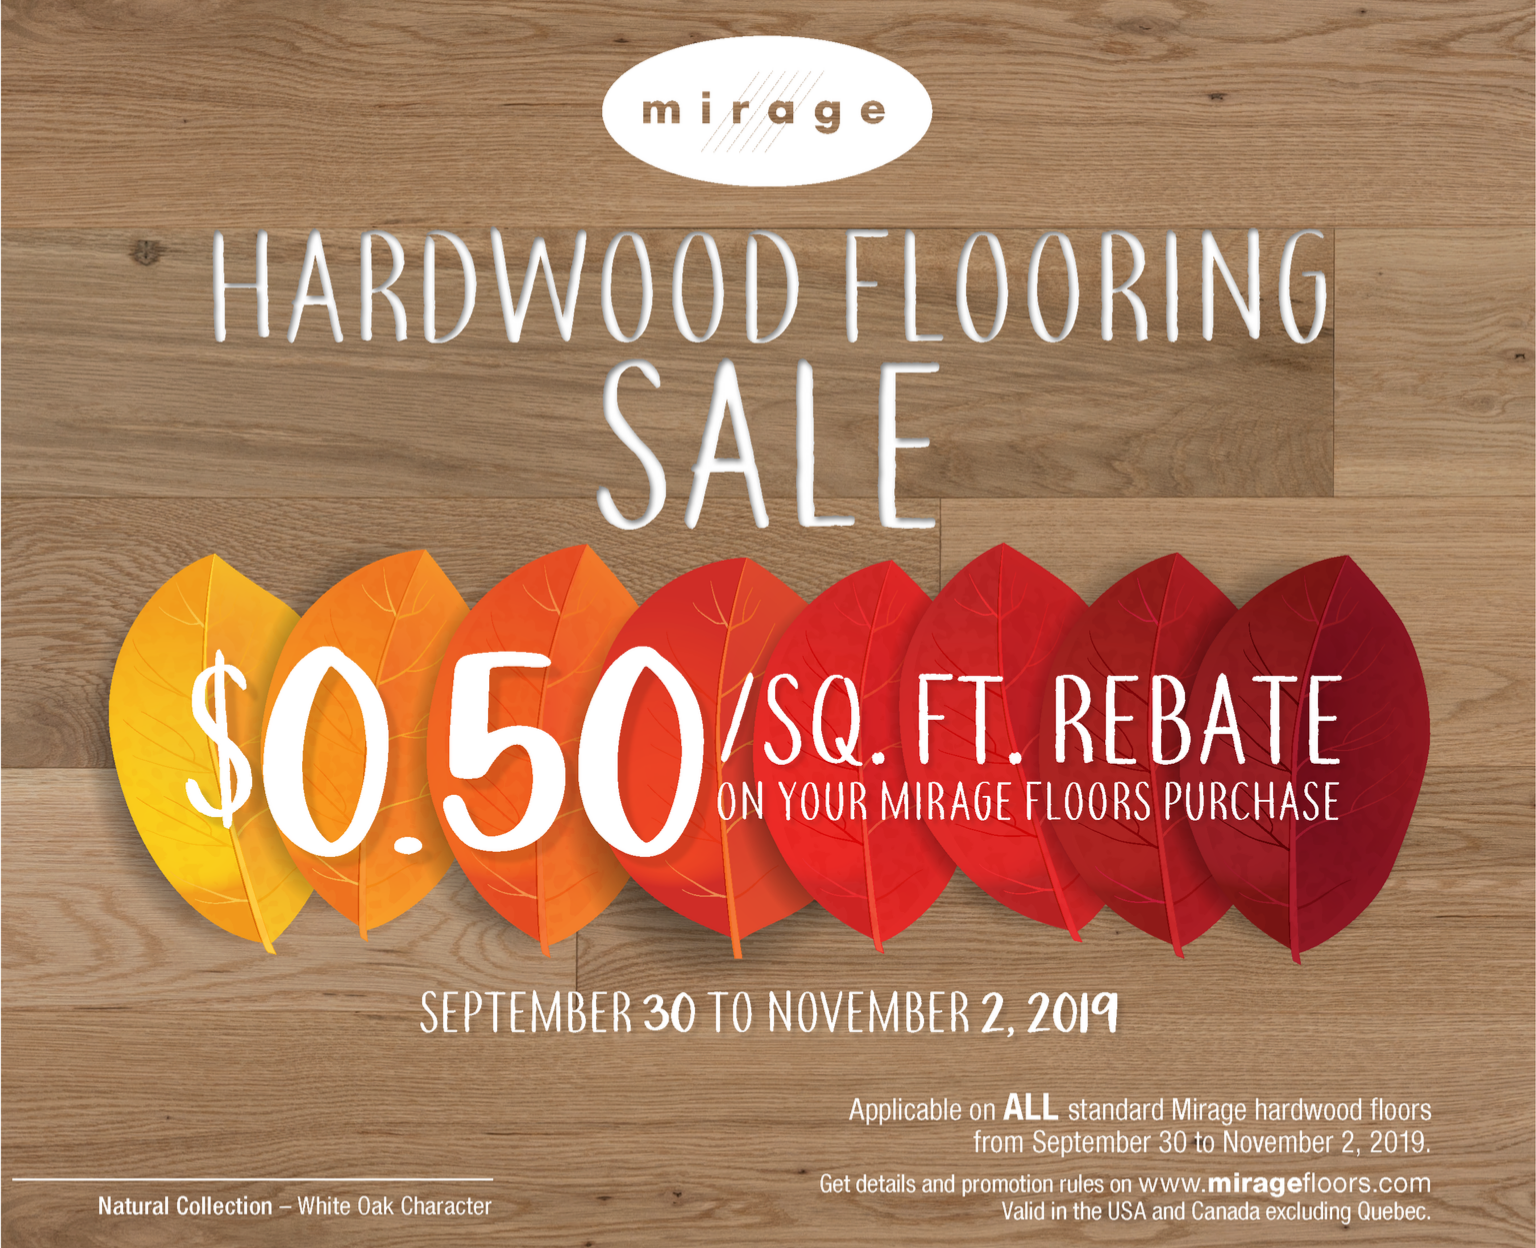 Mirage Hardwood Flooring Rebate